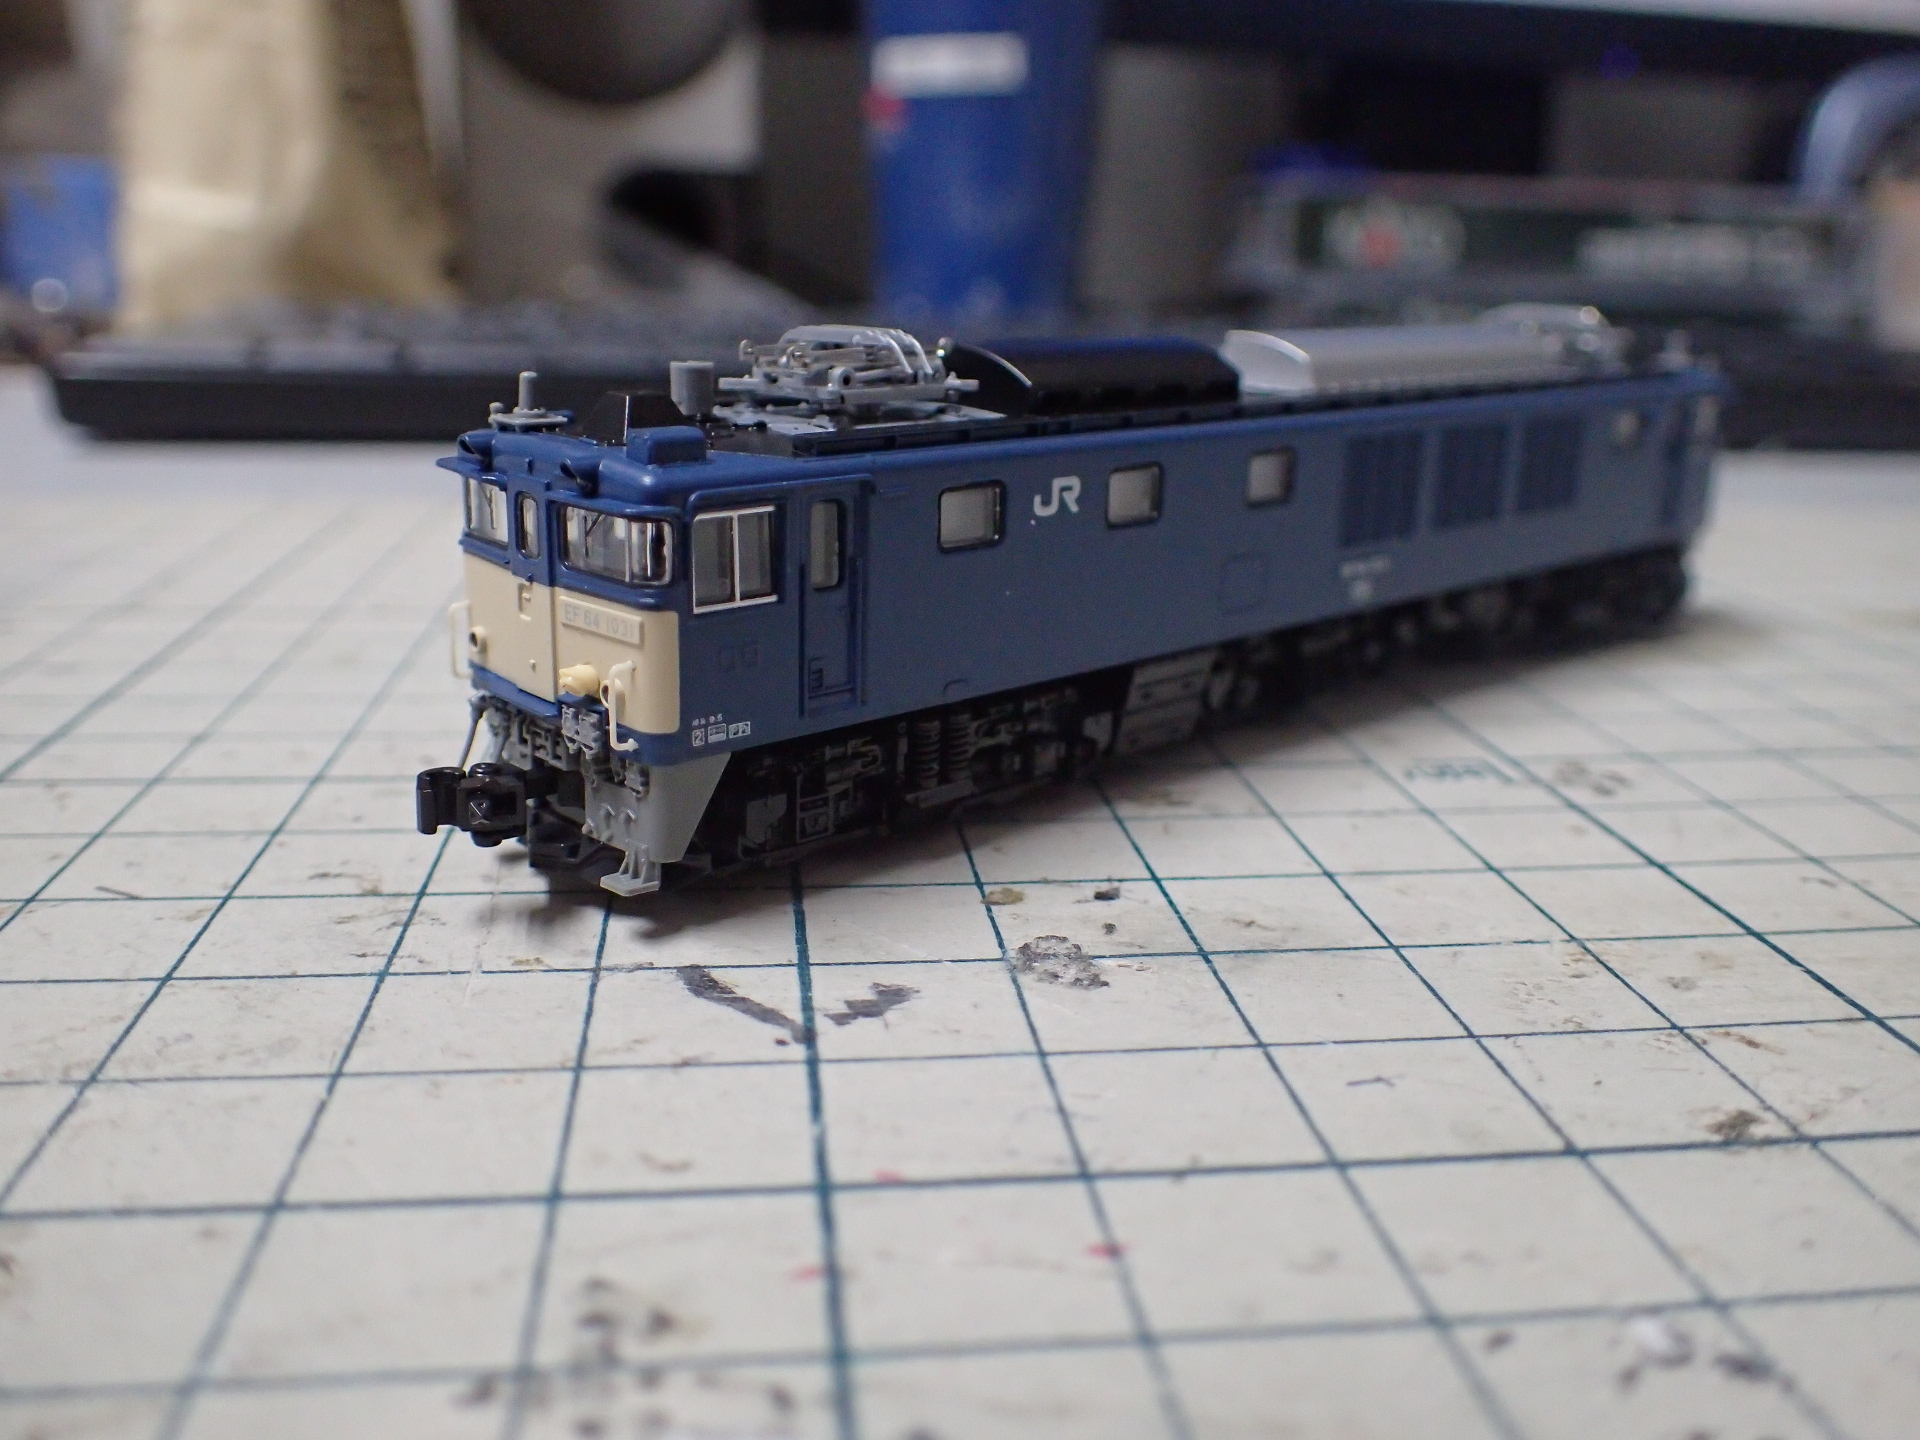 死神機関車のあだ名を持つEF64-1031長岡車両センターです。